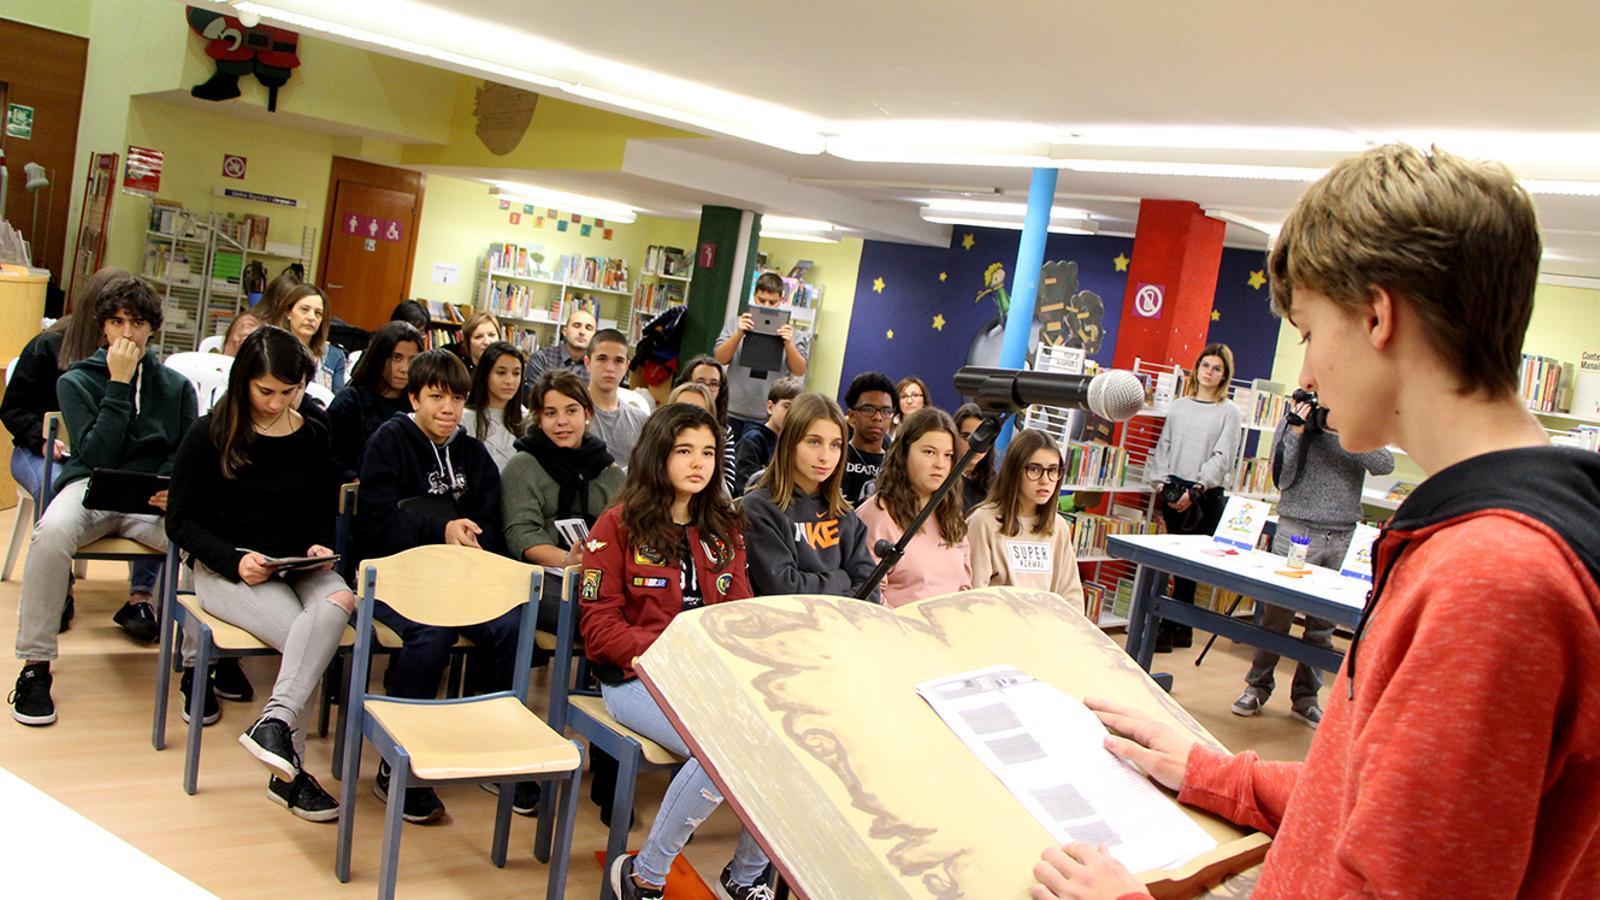 Els alumnes llegeixen algun dels articles de la Convenció dels drets de l'infant del 1989. / M. M. (ANA)